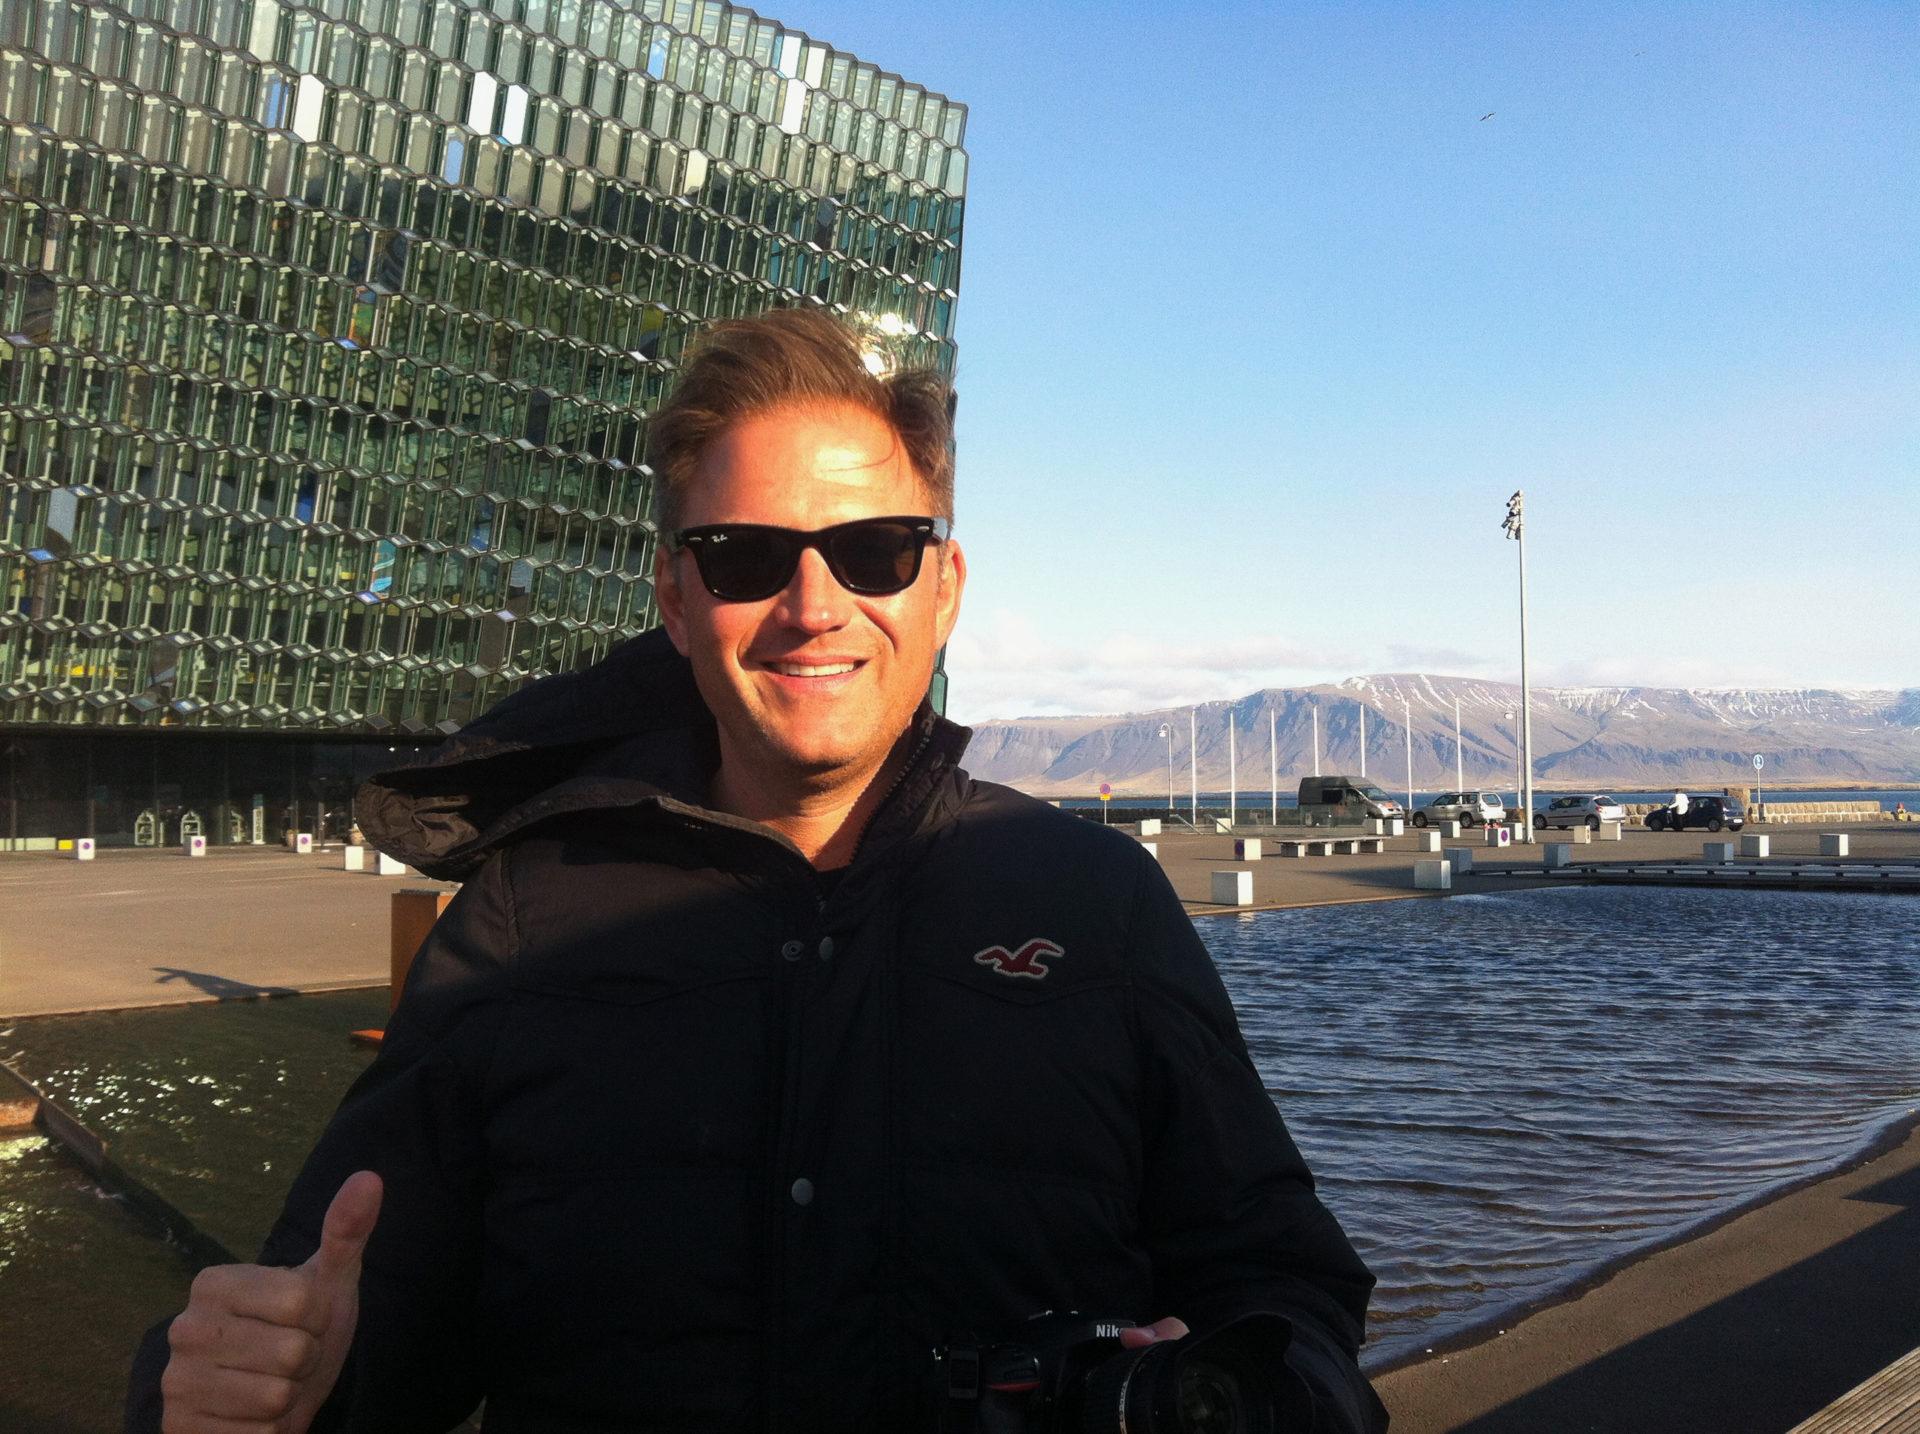 Autor Ralf vor der Oper Harpa in Reykjavik